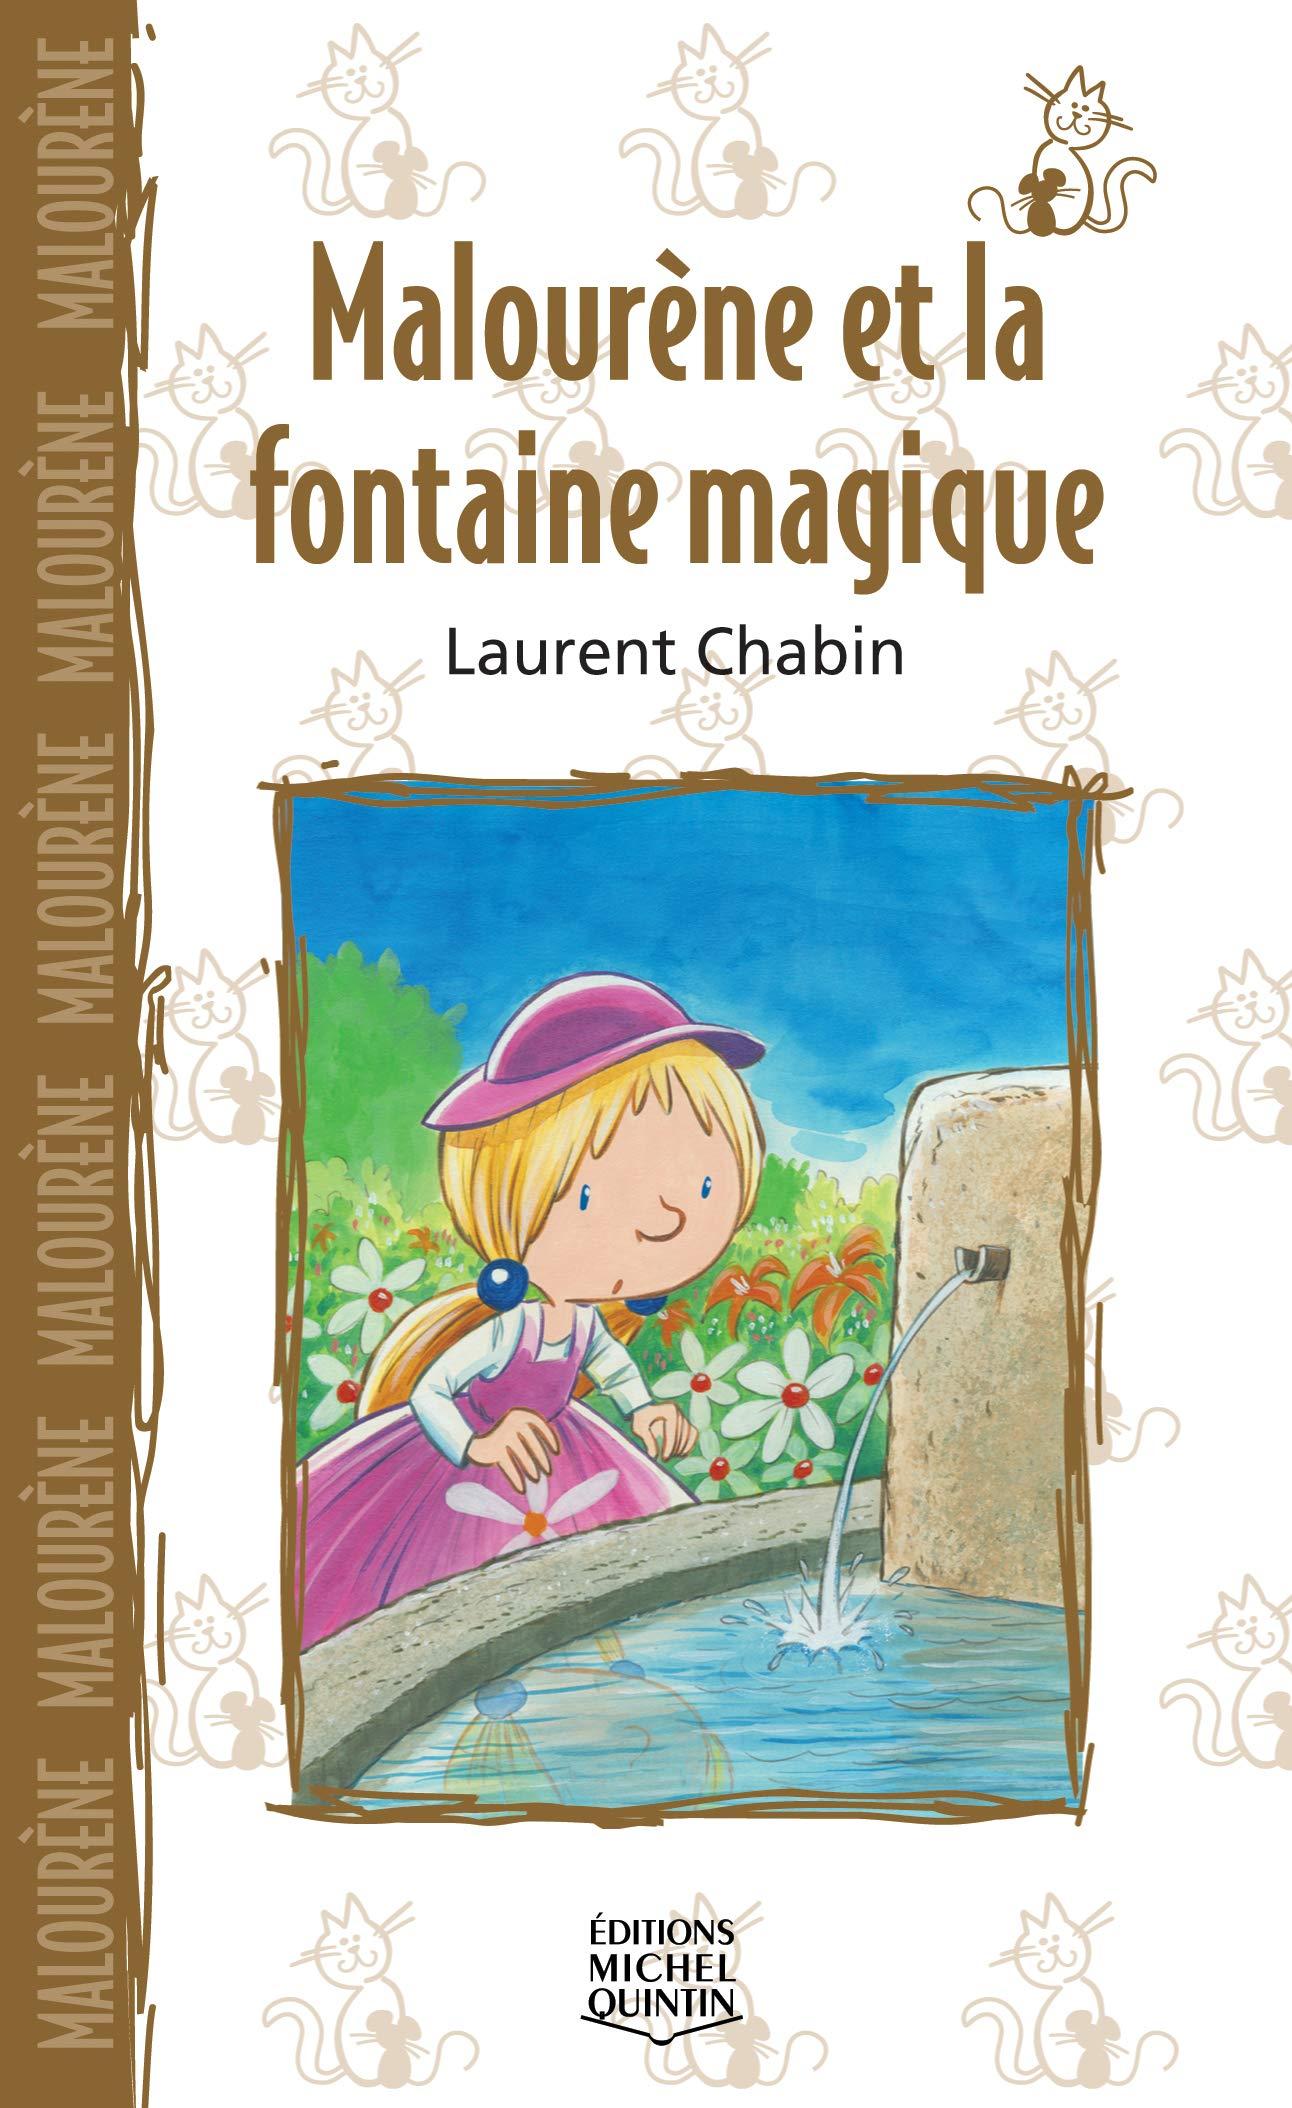 Malourène et la fontaine magique